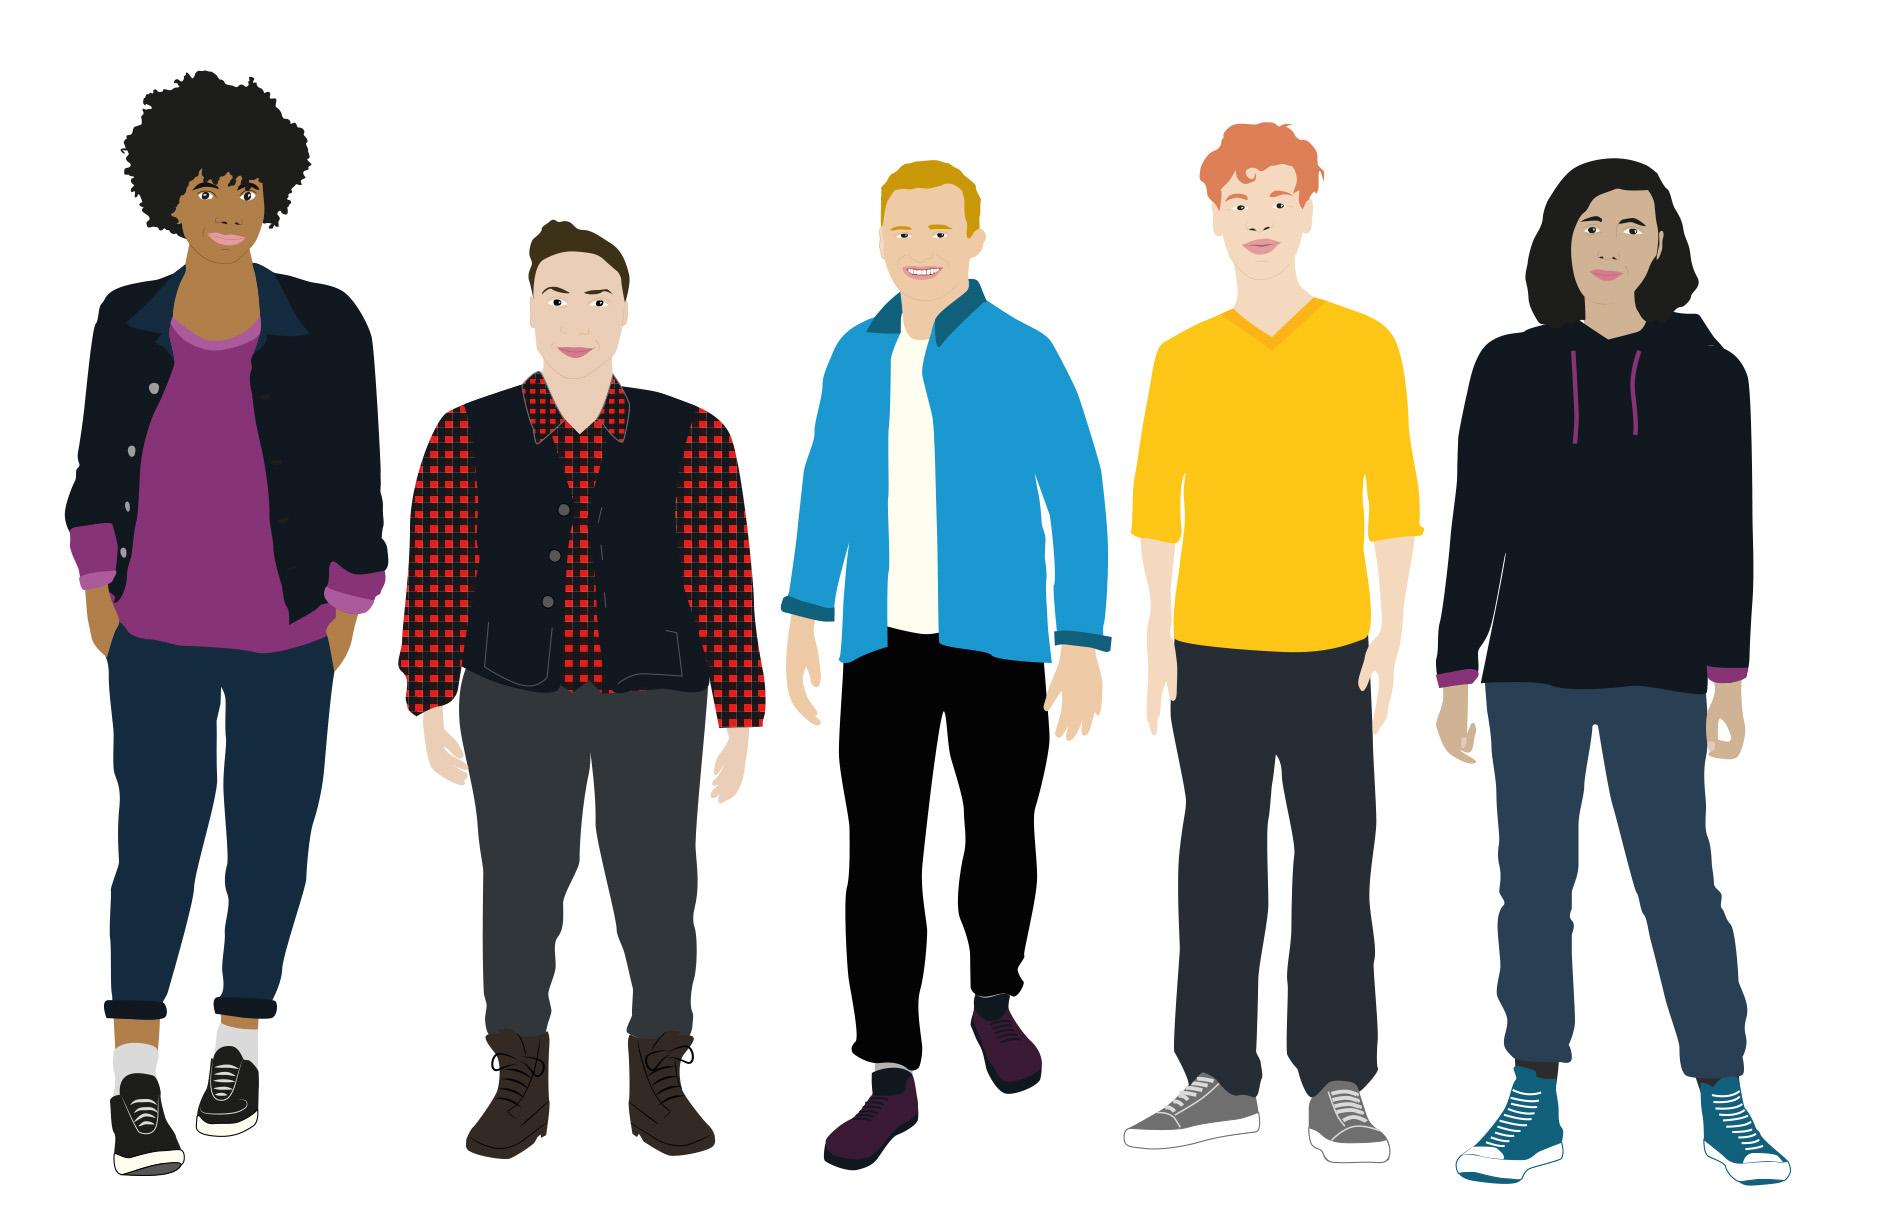 Das Bild zeigt das Team der Fachstelle Queere Jugend NRW und das Team des Projektes Q_munity als Illustration. Zu sehen sind von links nach rechts: Imany Maari, Madeline Doneit, Max Steinbock, Mo Zündorf und H. Yilmaz.